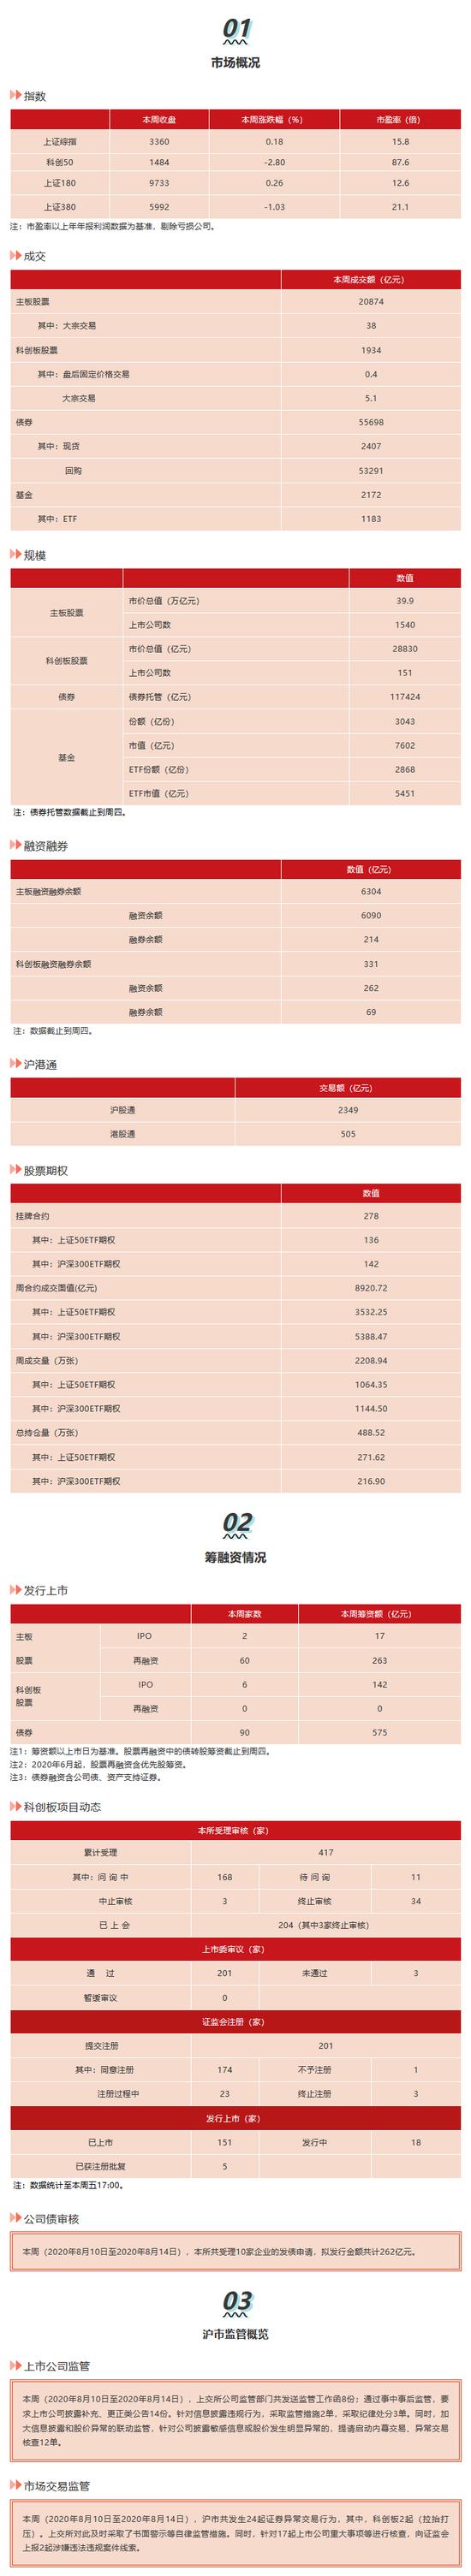 上交所:本周向证监会上报2起涉嫌违法违规案件线索